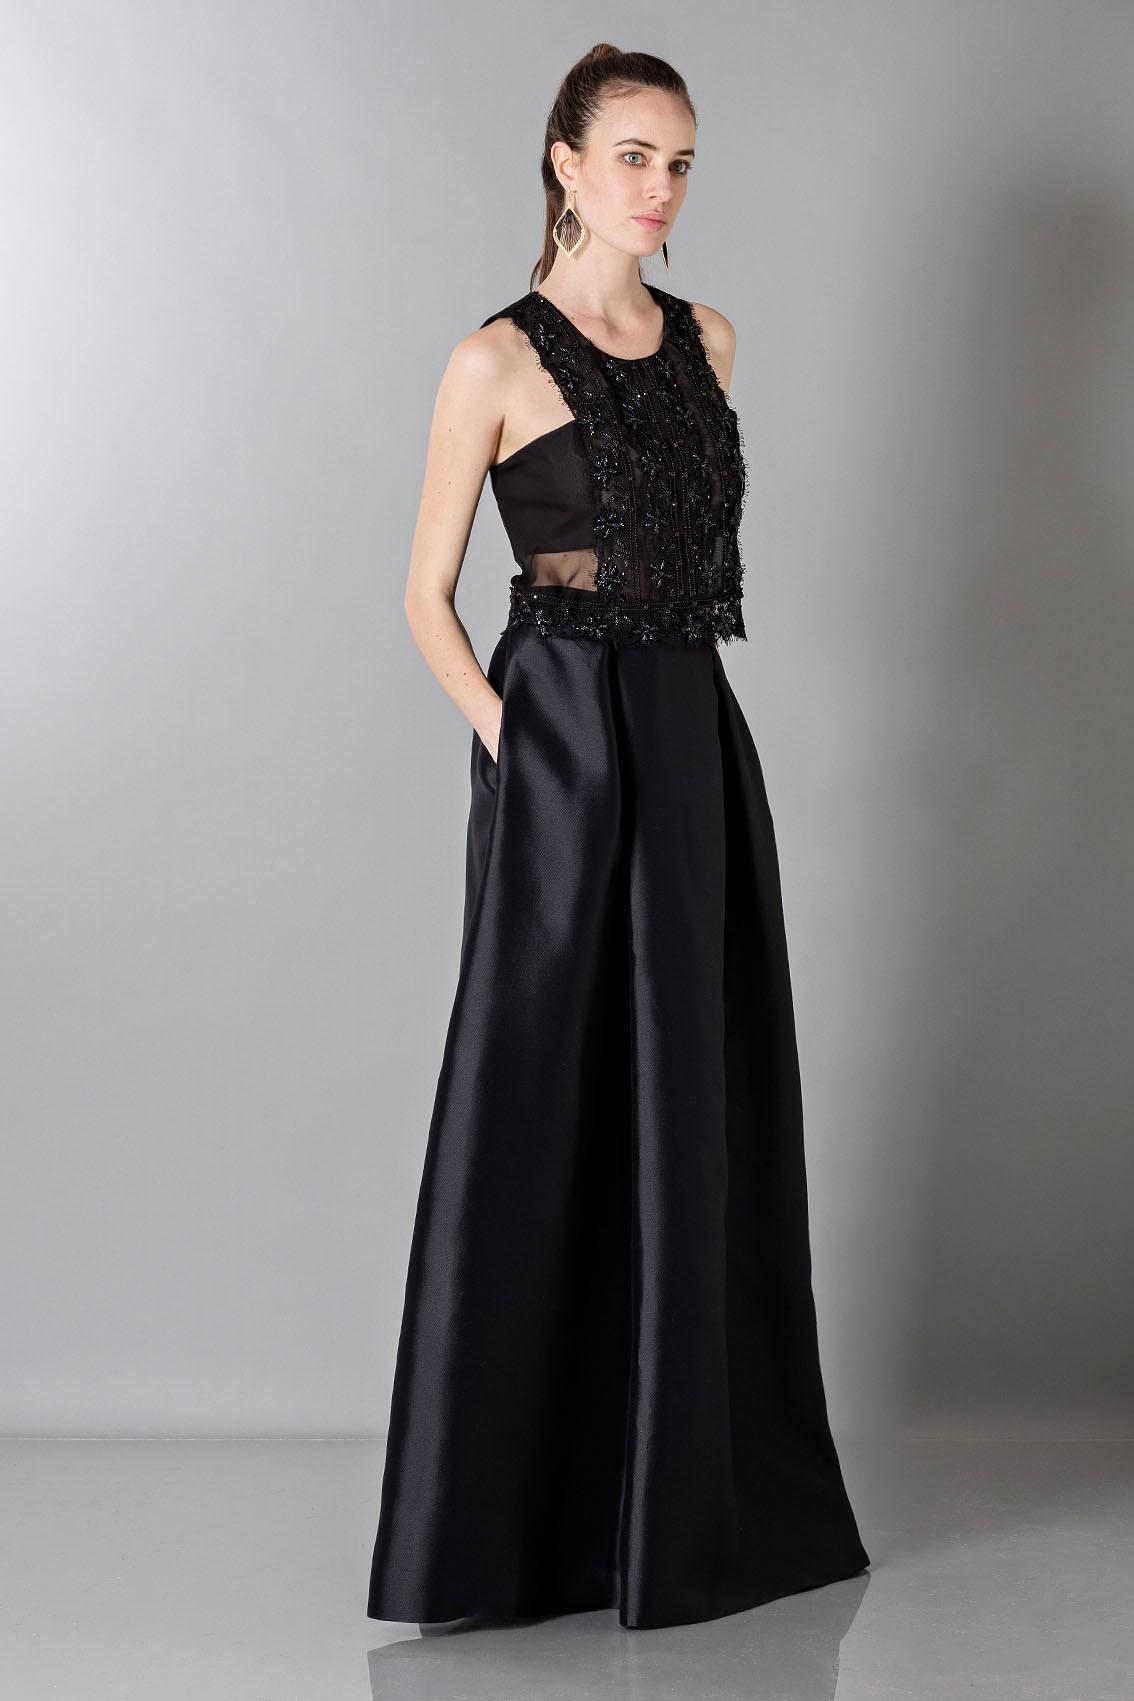 455cb6228f2 Drexcode - Alberta Ferretti Robe de paillettes